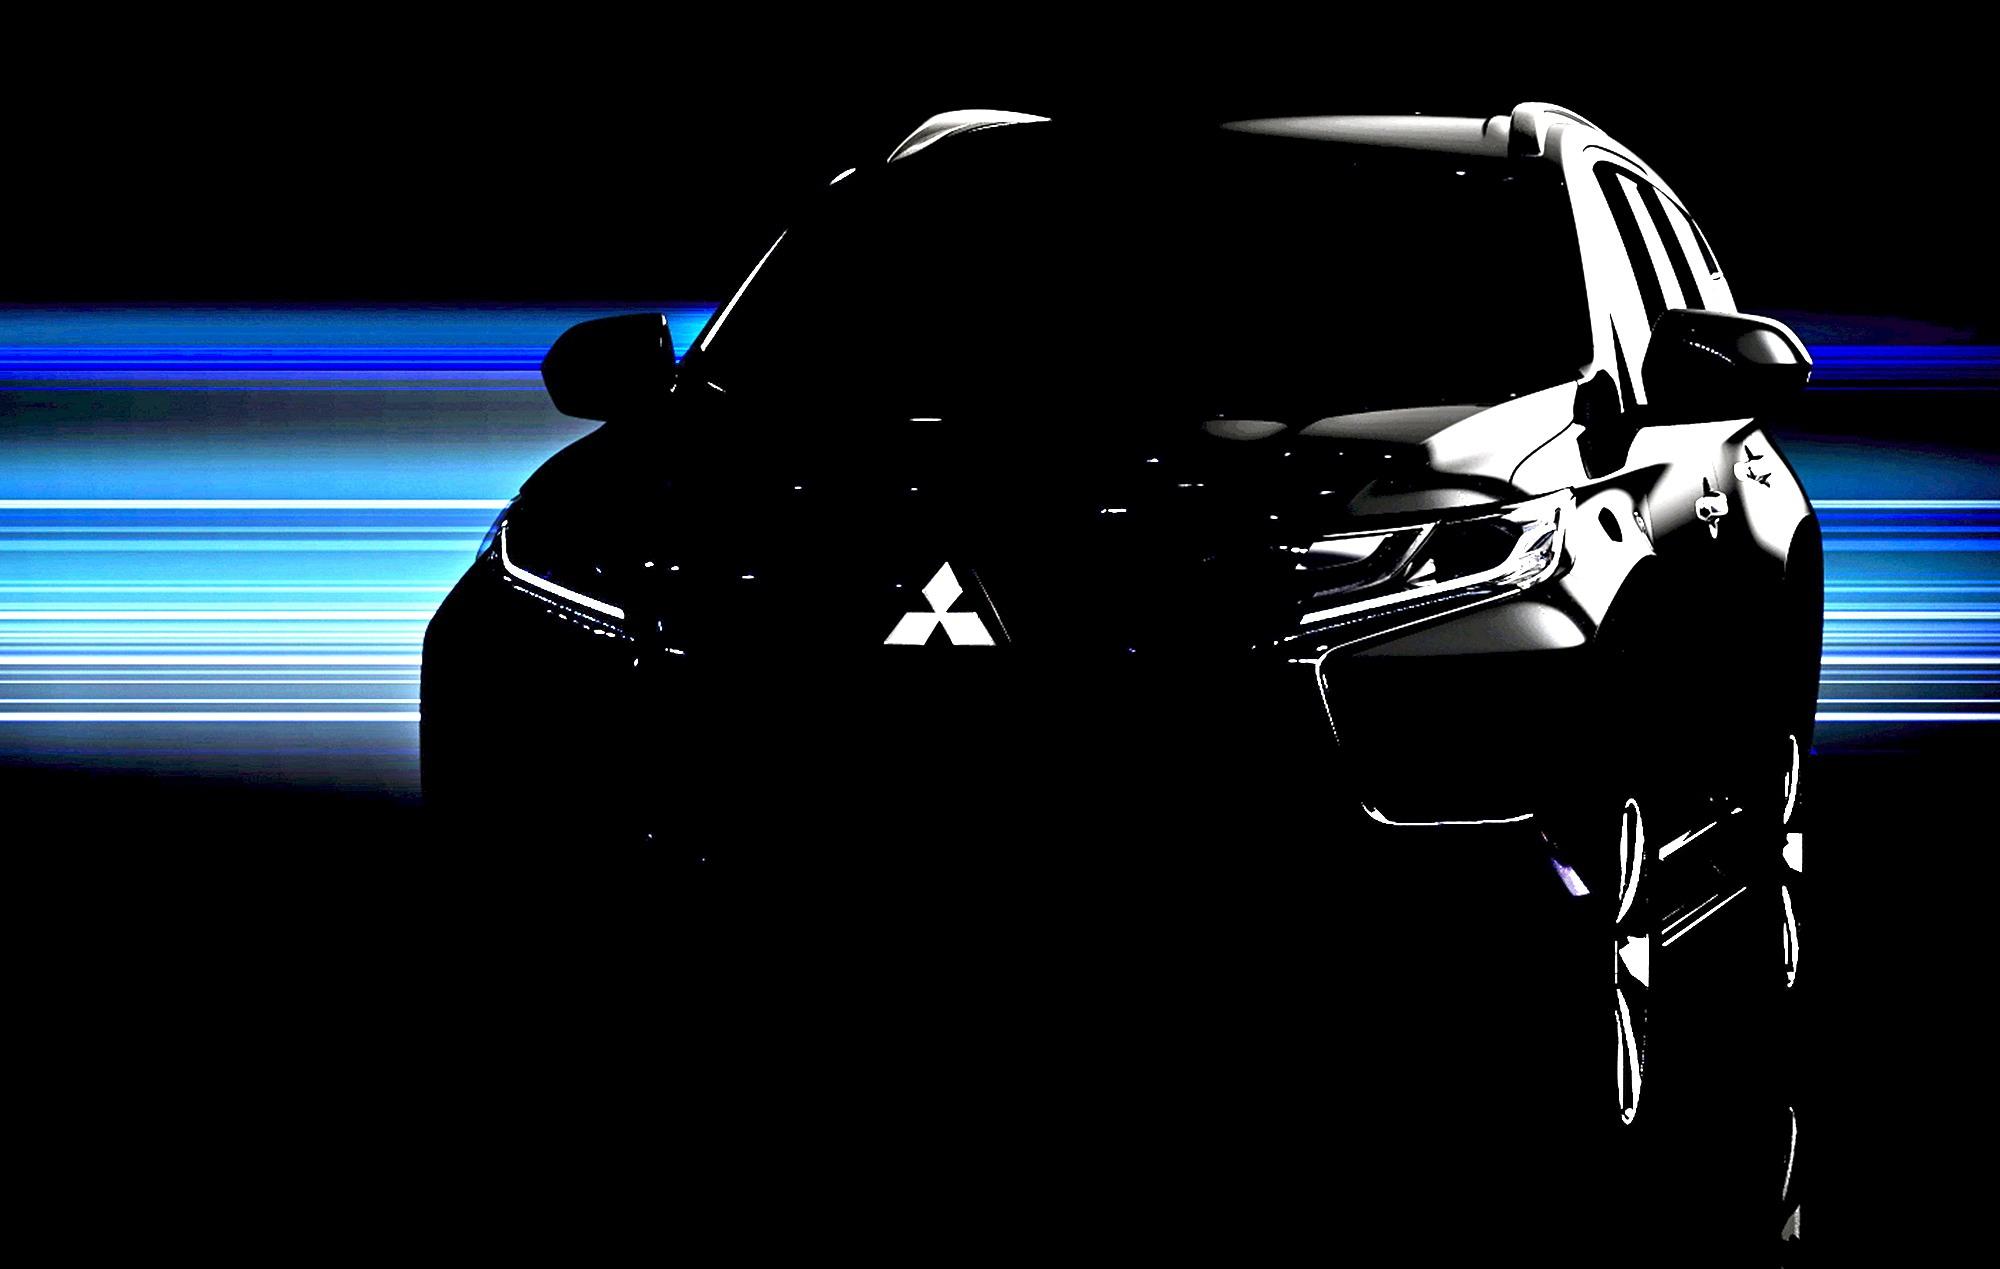 2016-Mitsubishi-Pajero-Sport-teased